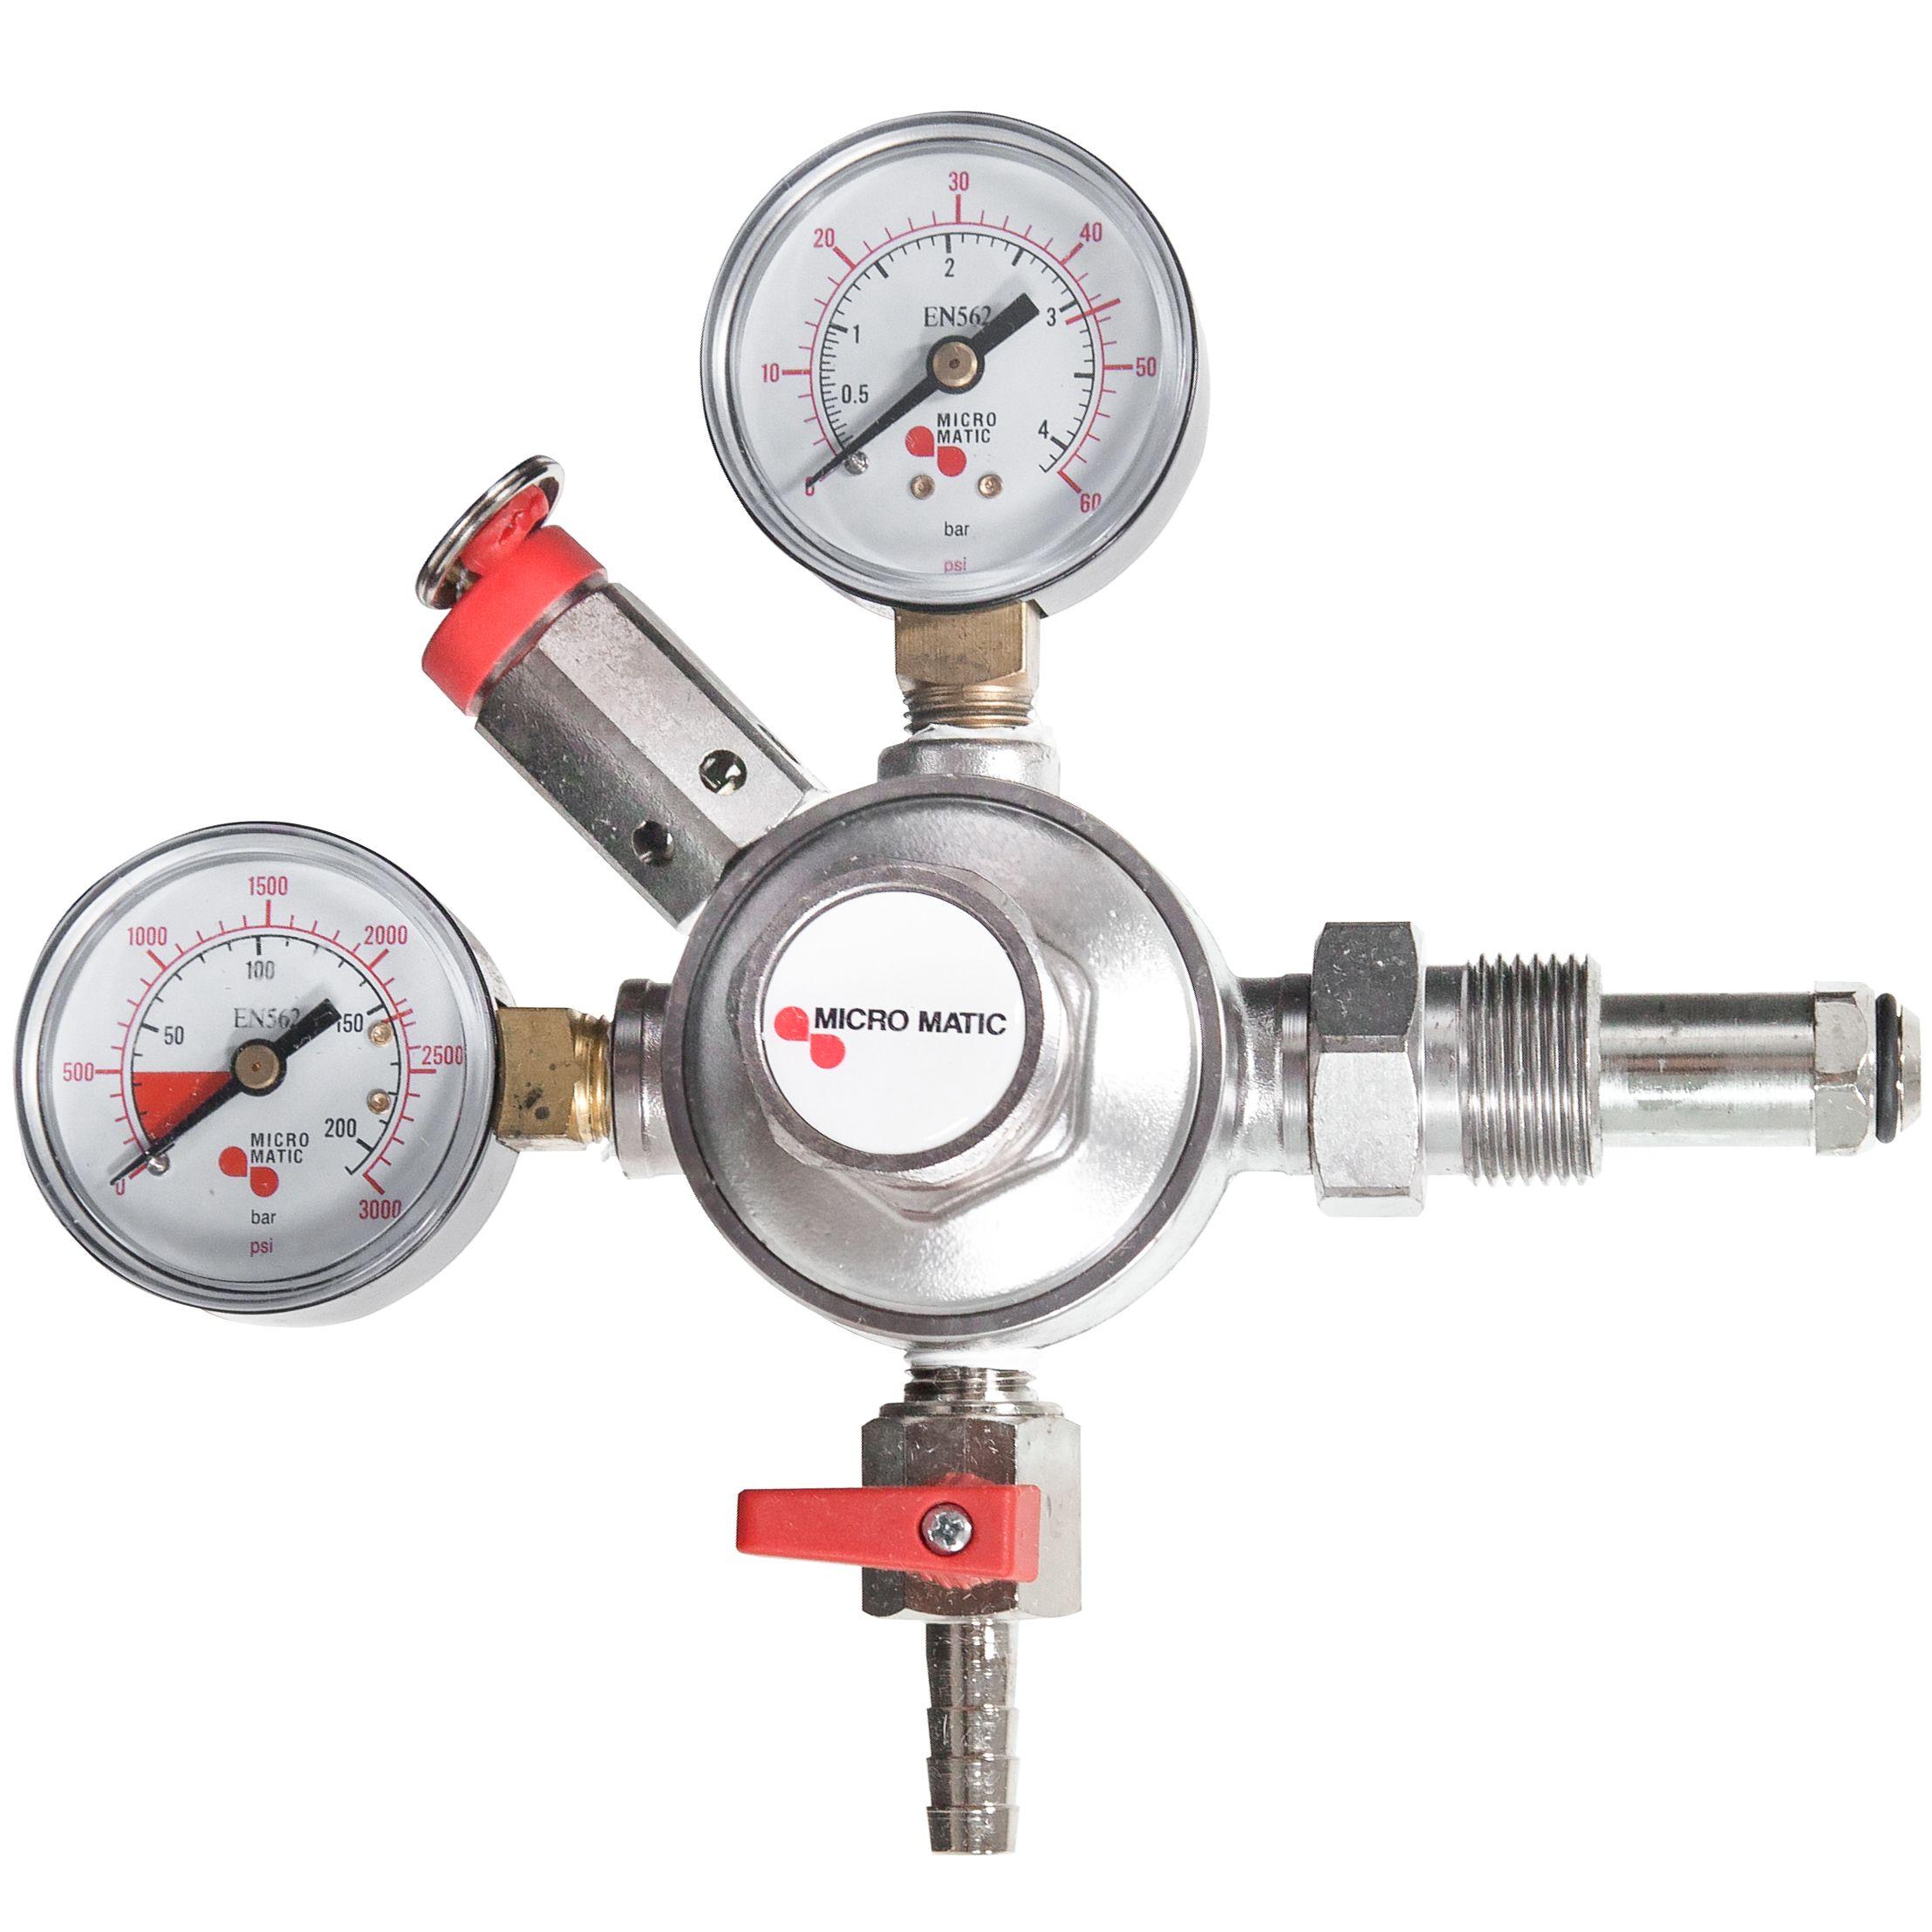 Premium series double gauge nitrogen regulator products